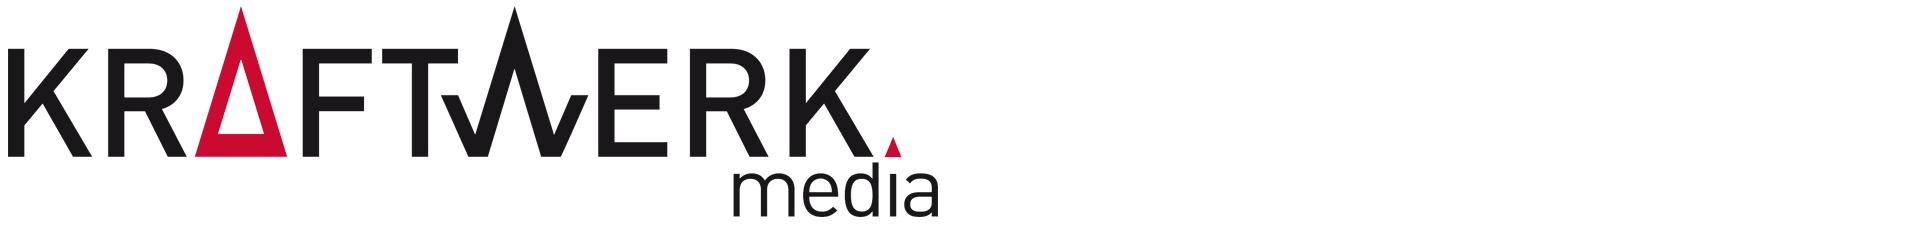 Kraftwerk media